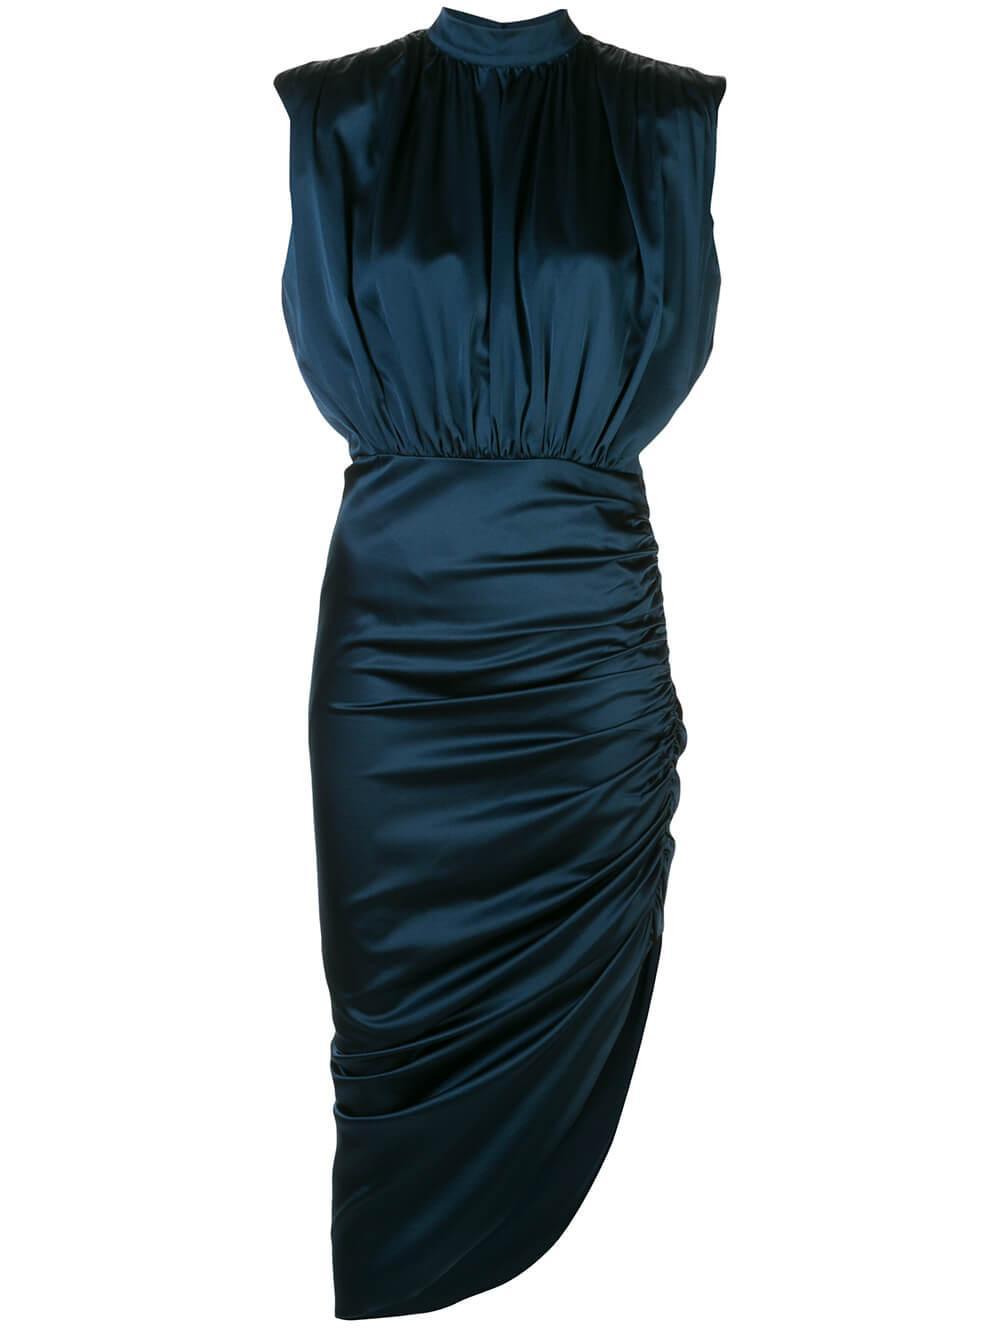 Kendall Cap Sleeve Mock Neck Midi Dress Item # 2001CHM012705